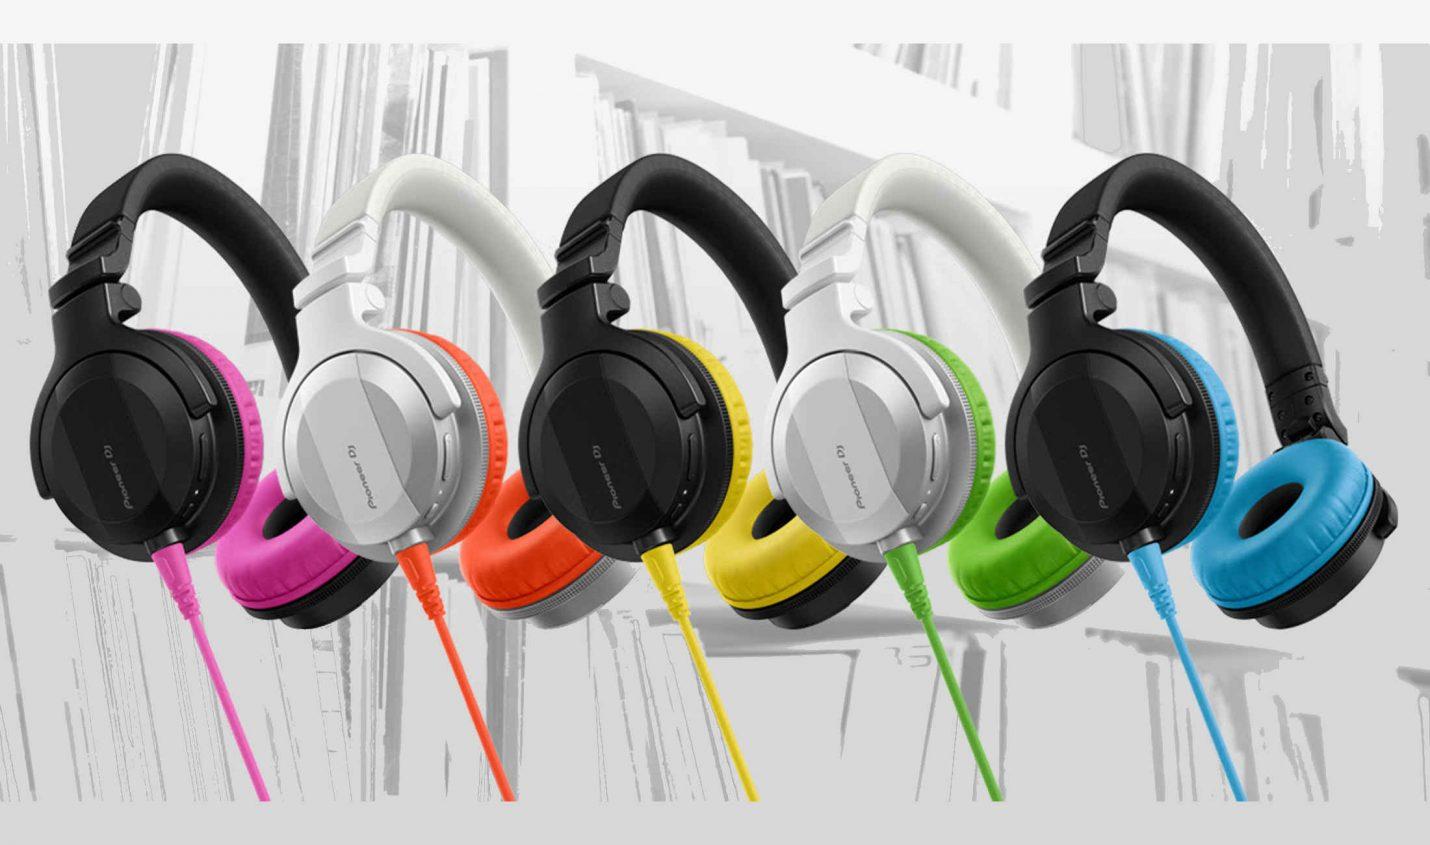 Neu: Pioneer DJ HDJ-CUE1 - DJ-Kopfhörer für EinsteigerInnen